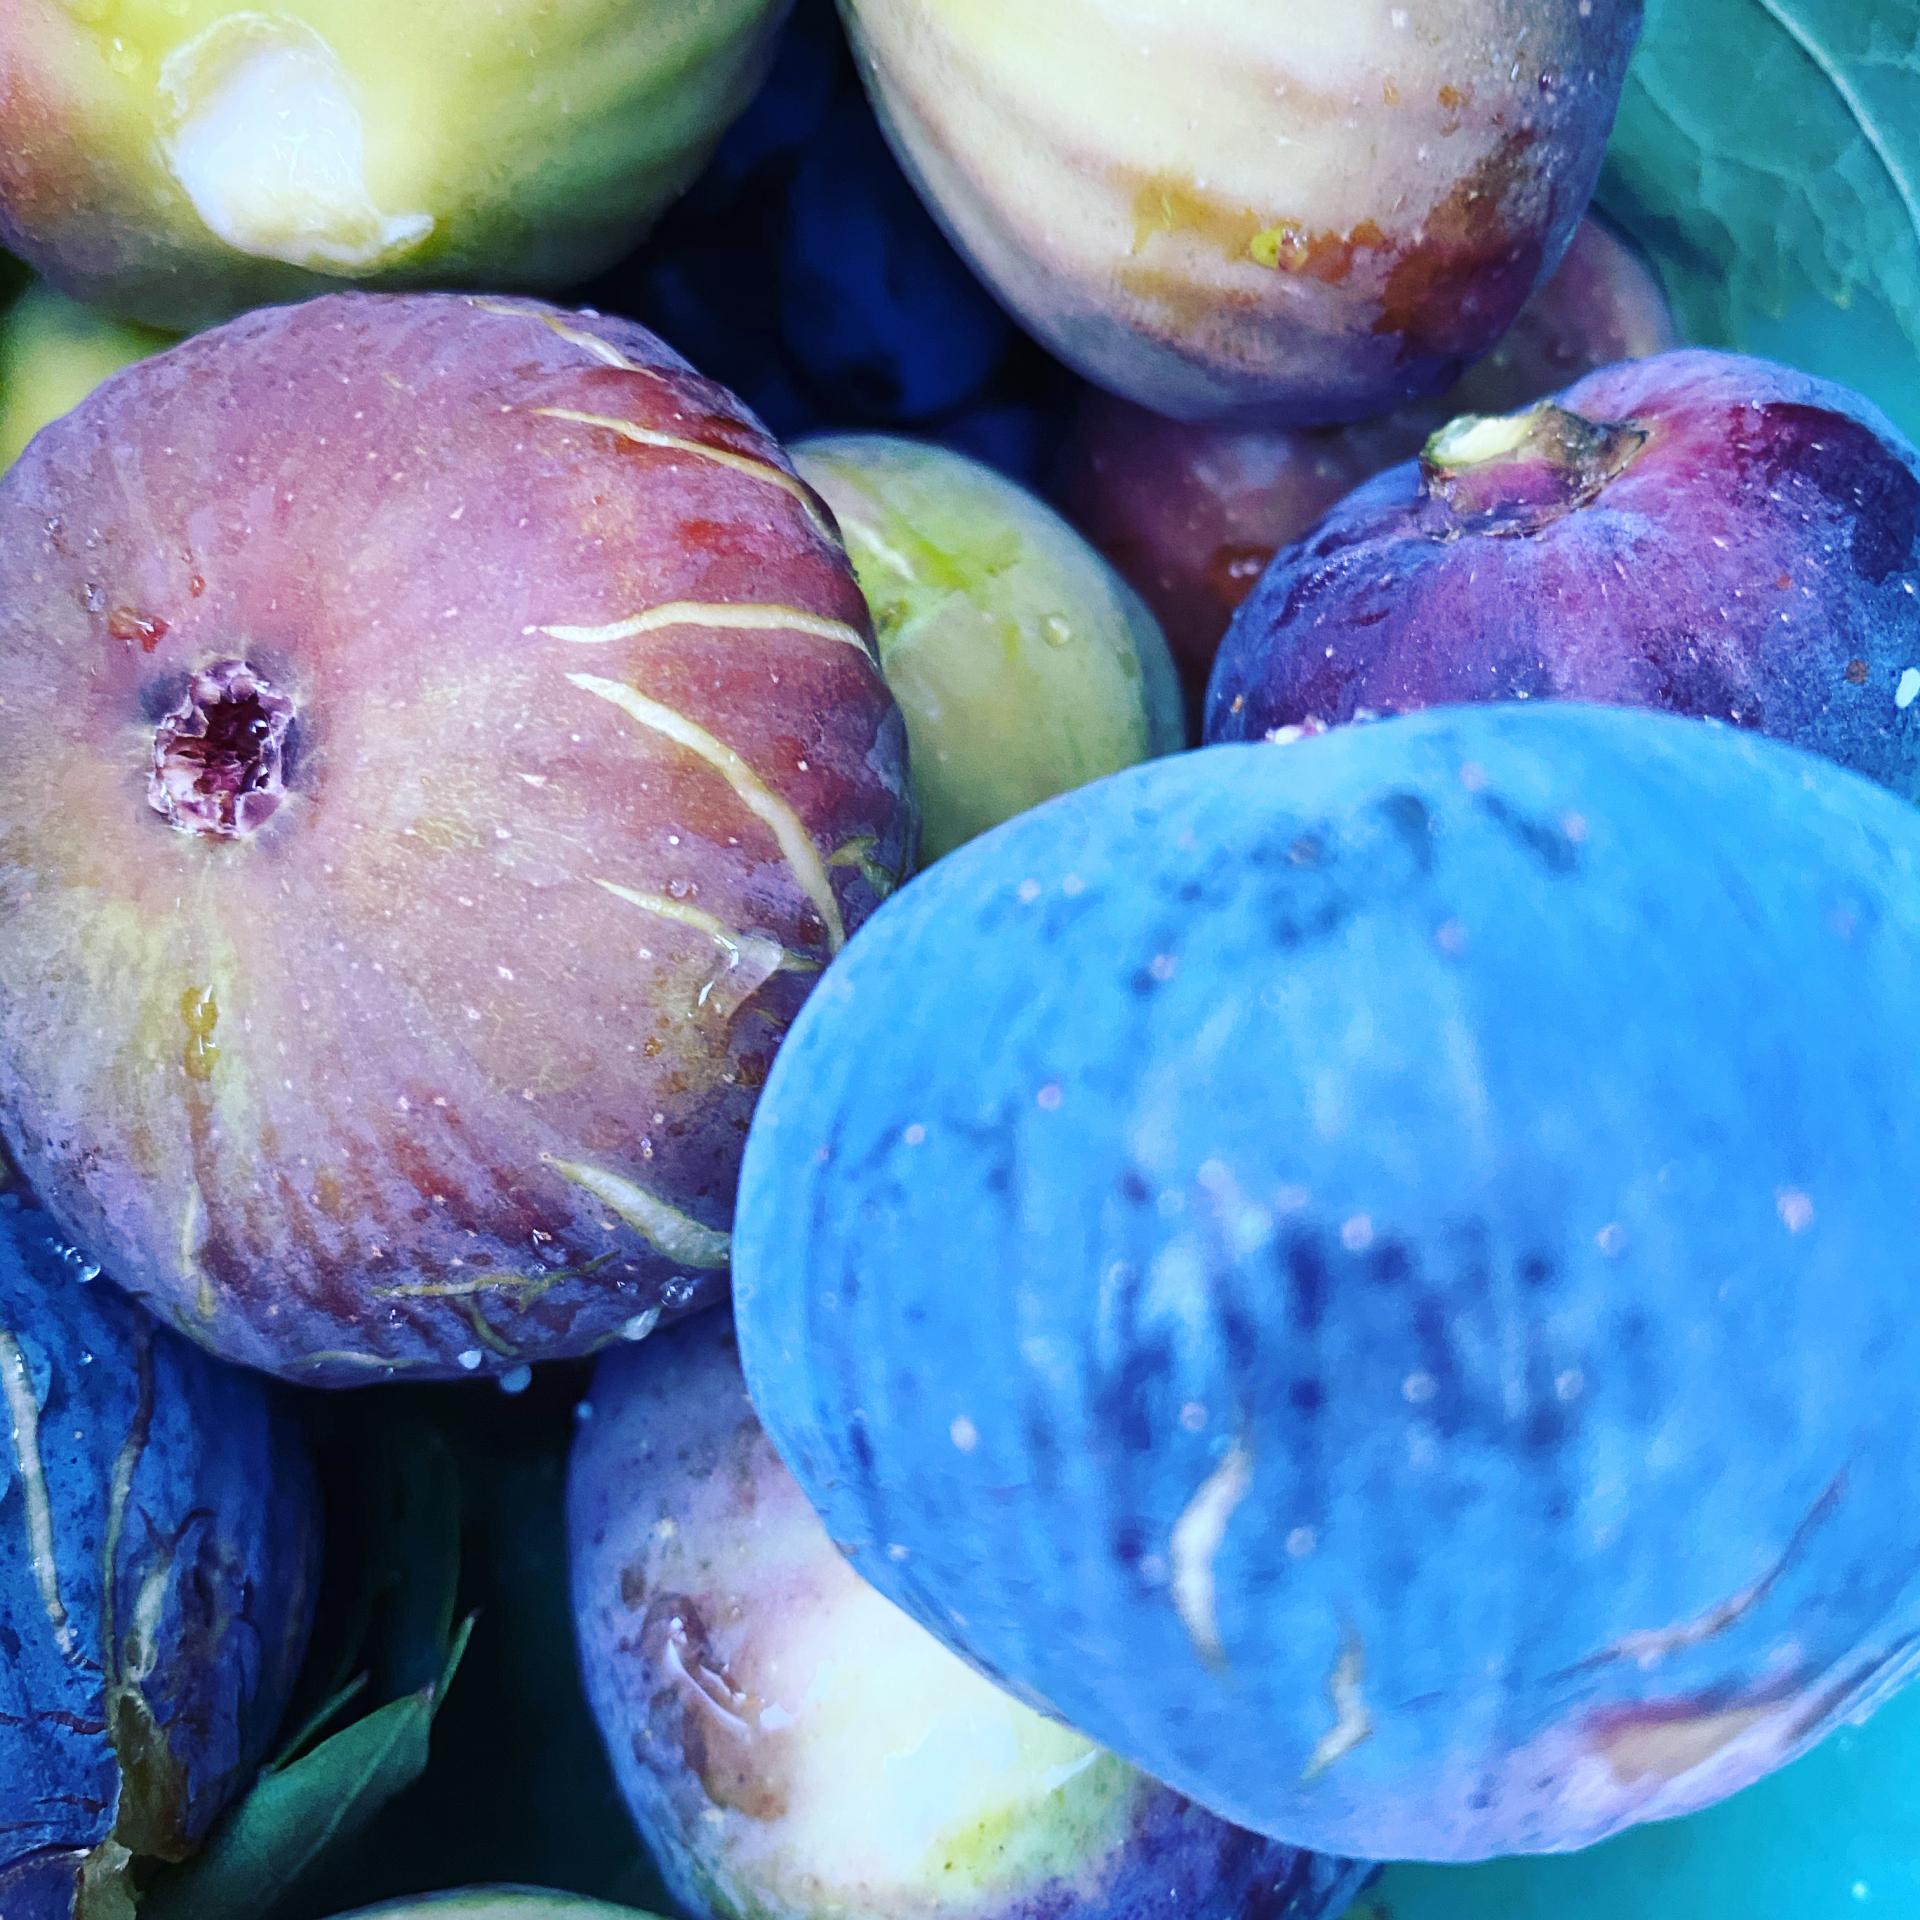 Frutta e verdura meritano devozione e ammirazione